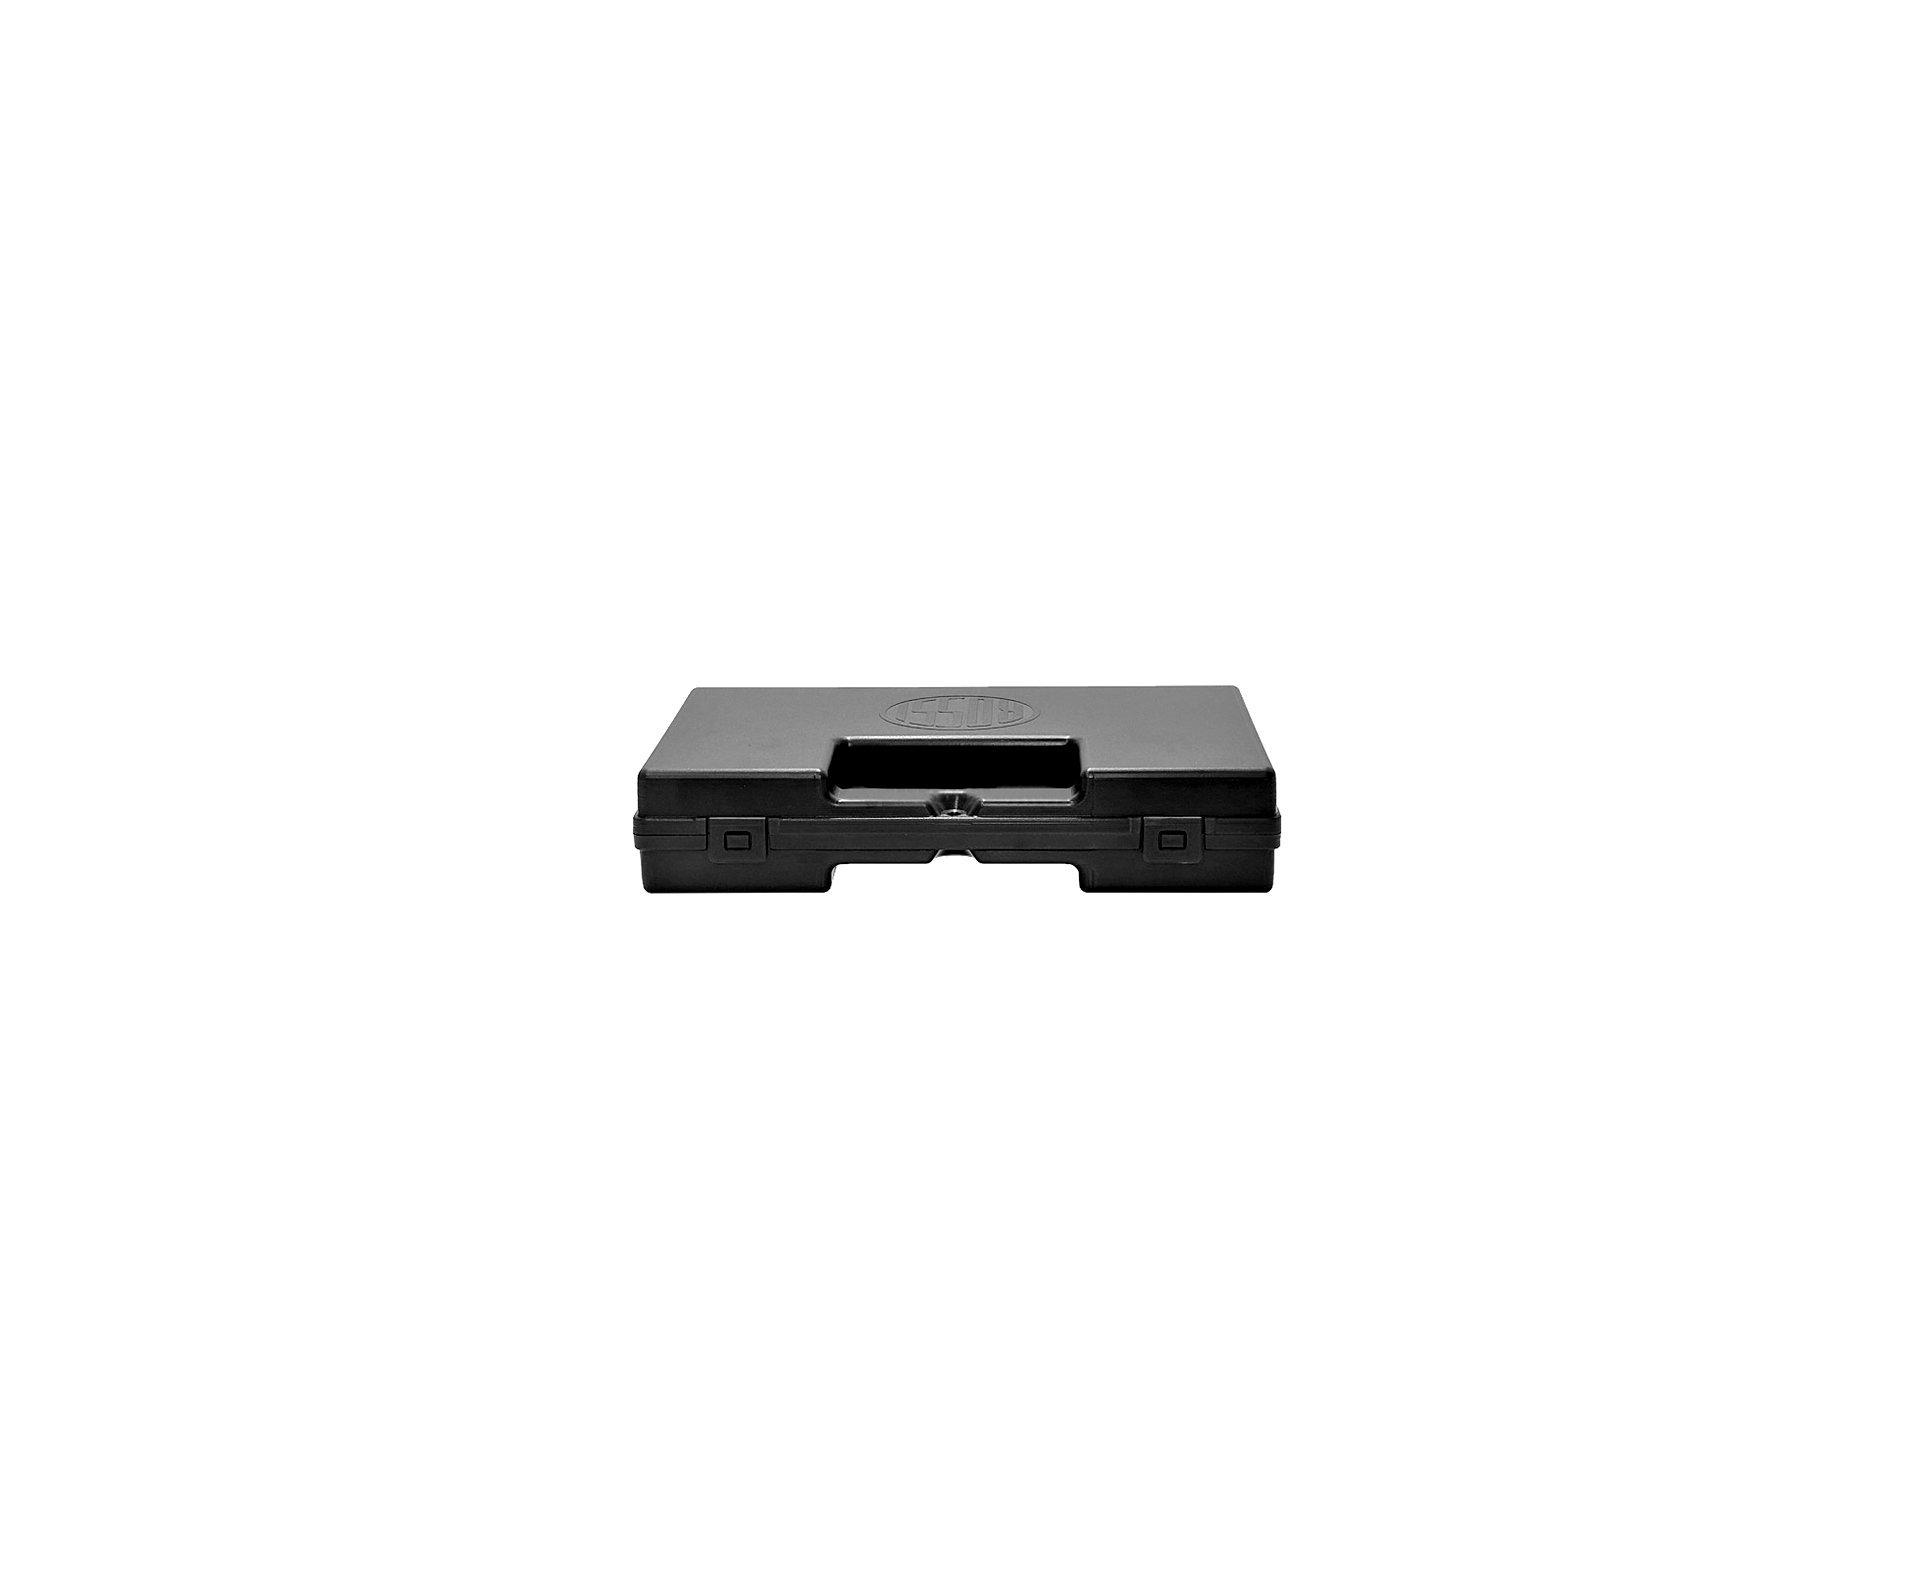 Pistola De Pressão Gas Co2 Wg Glock W119 Slide Metal Blowback 4,5mm + Case + Bbs + Co2